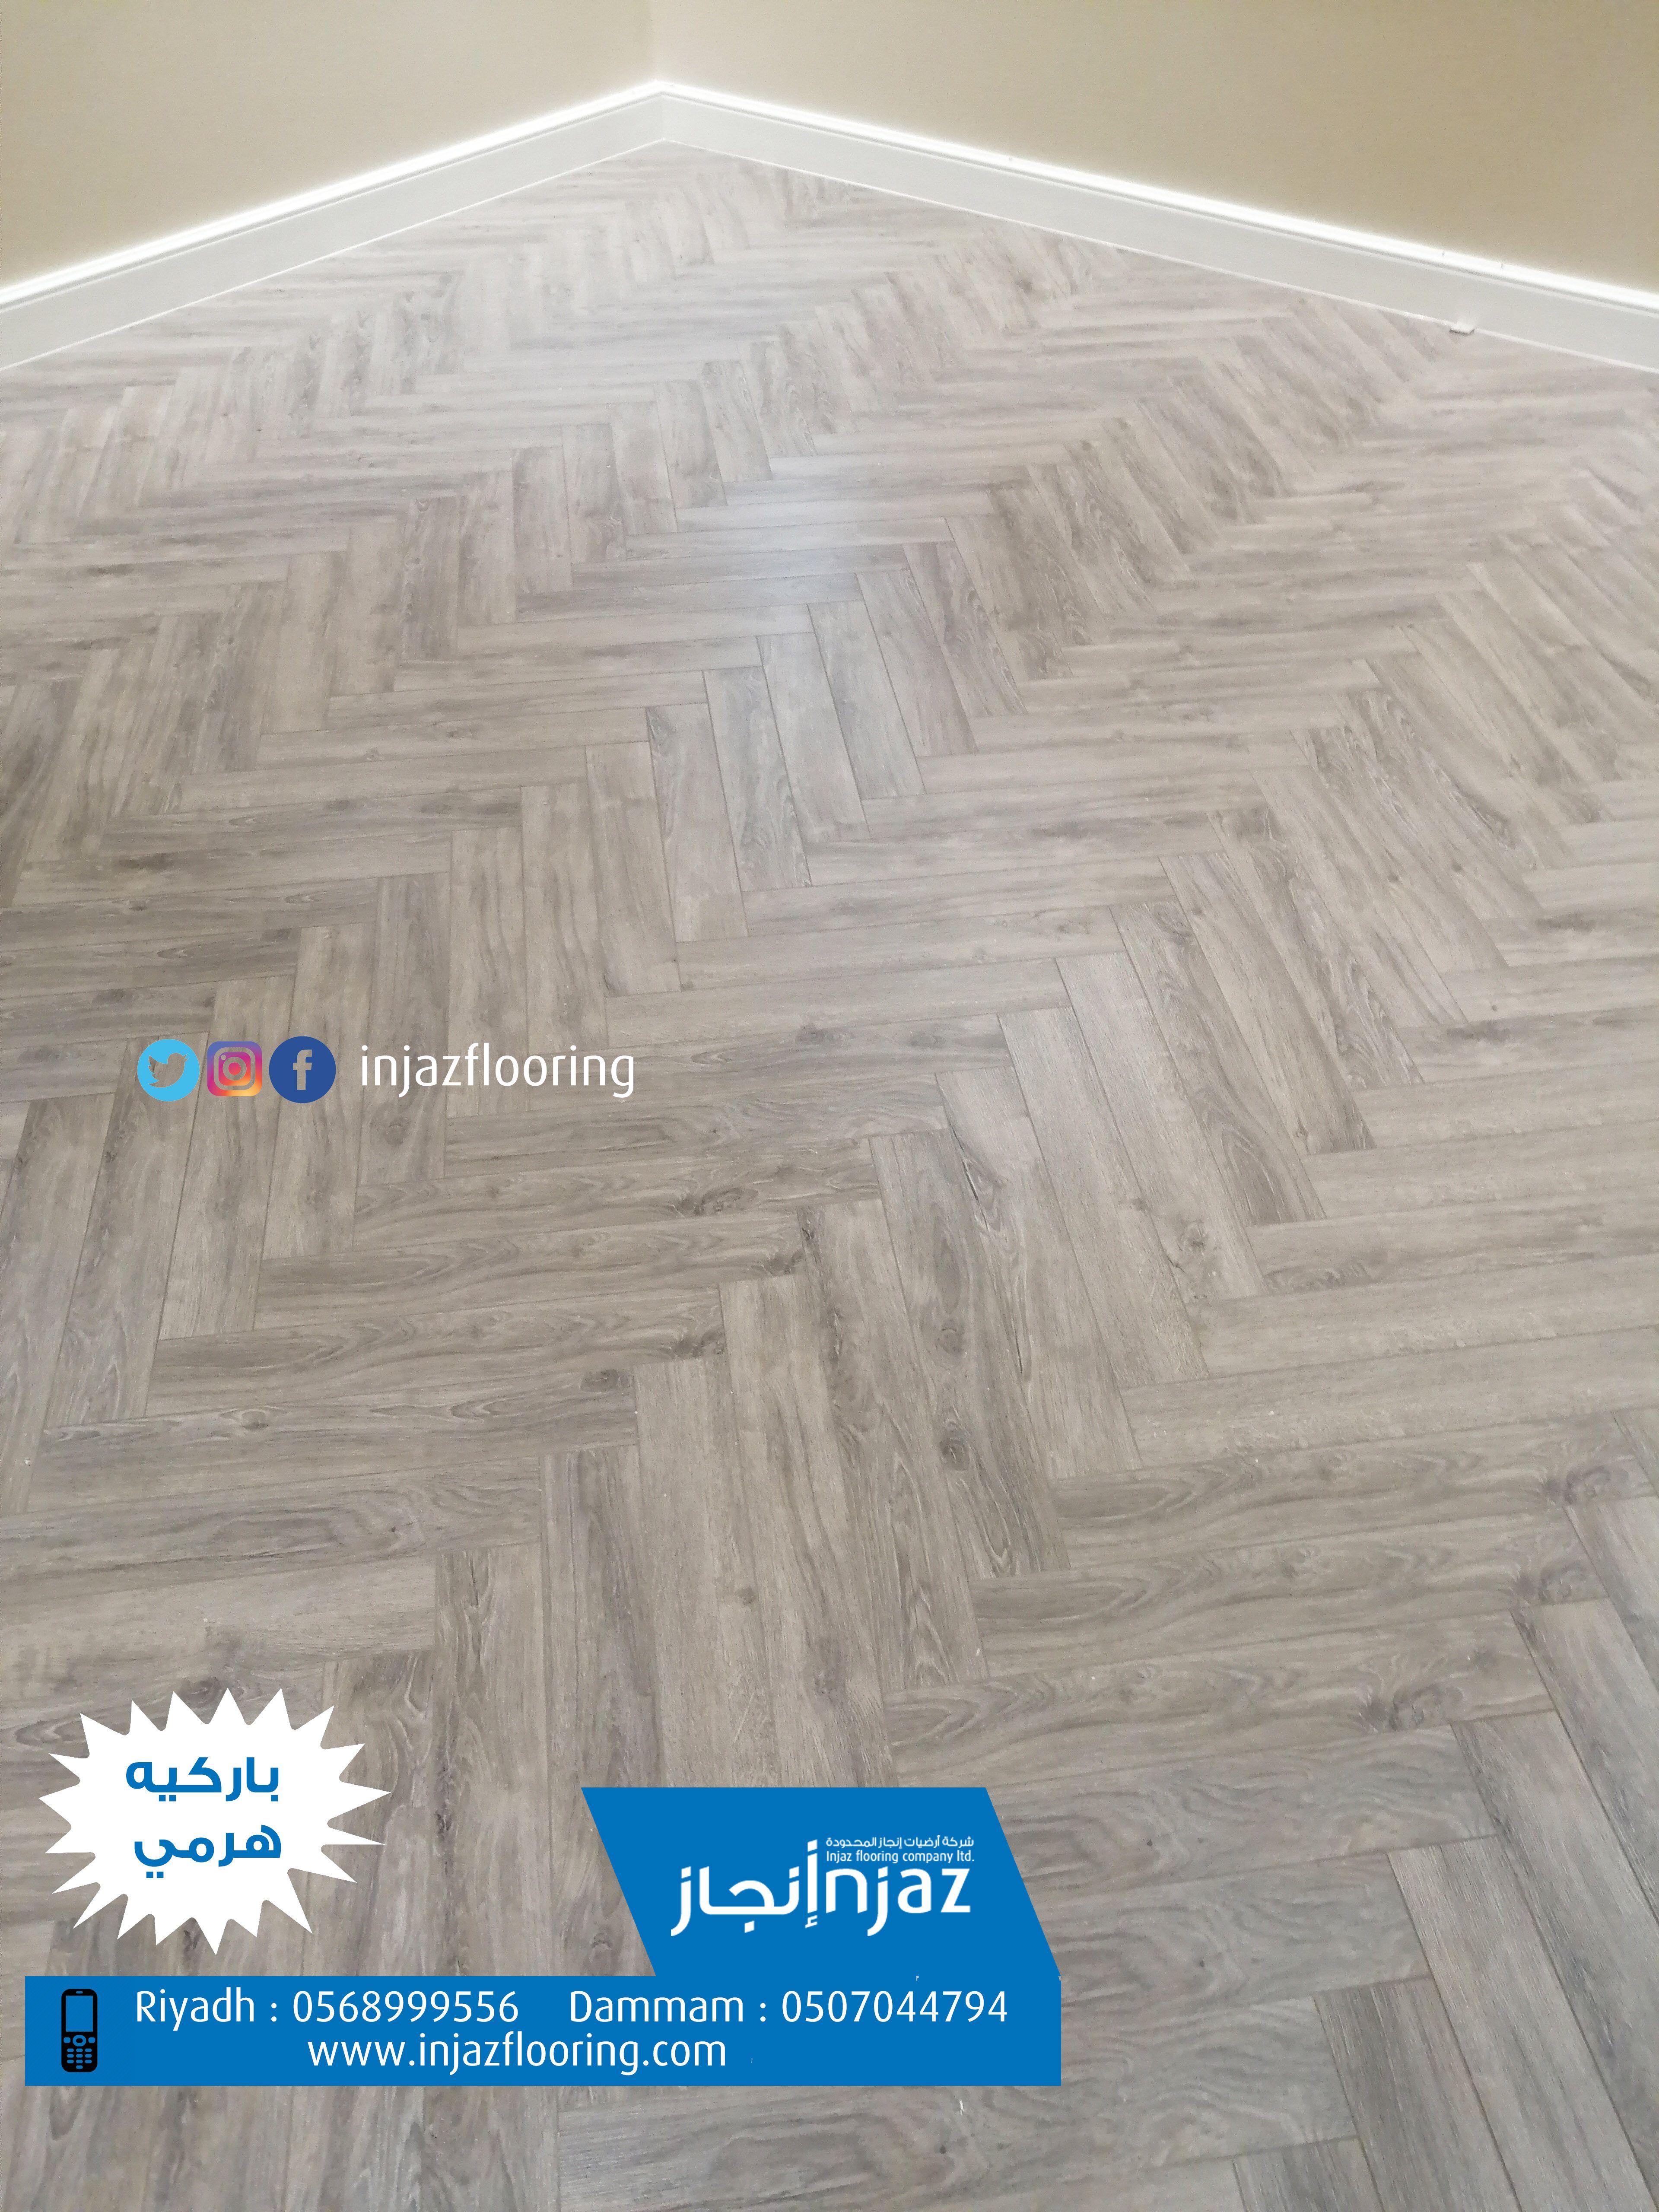 باركيه هرمي نعلات فايبر فوم Flooring Hardwood Hardwood Floors